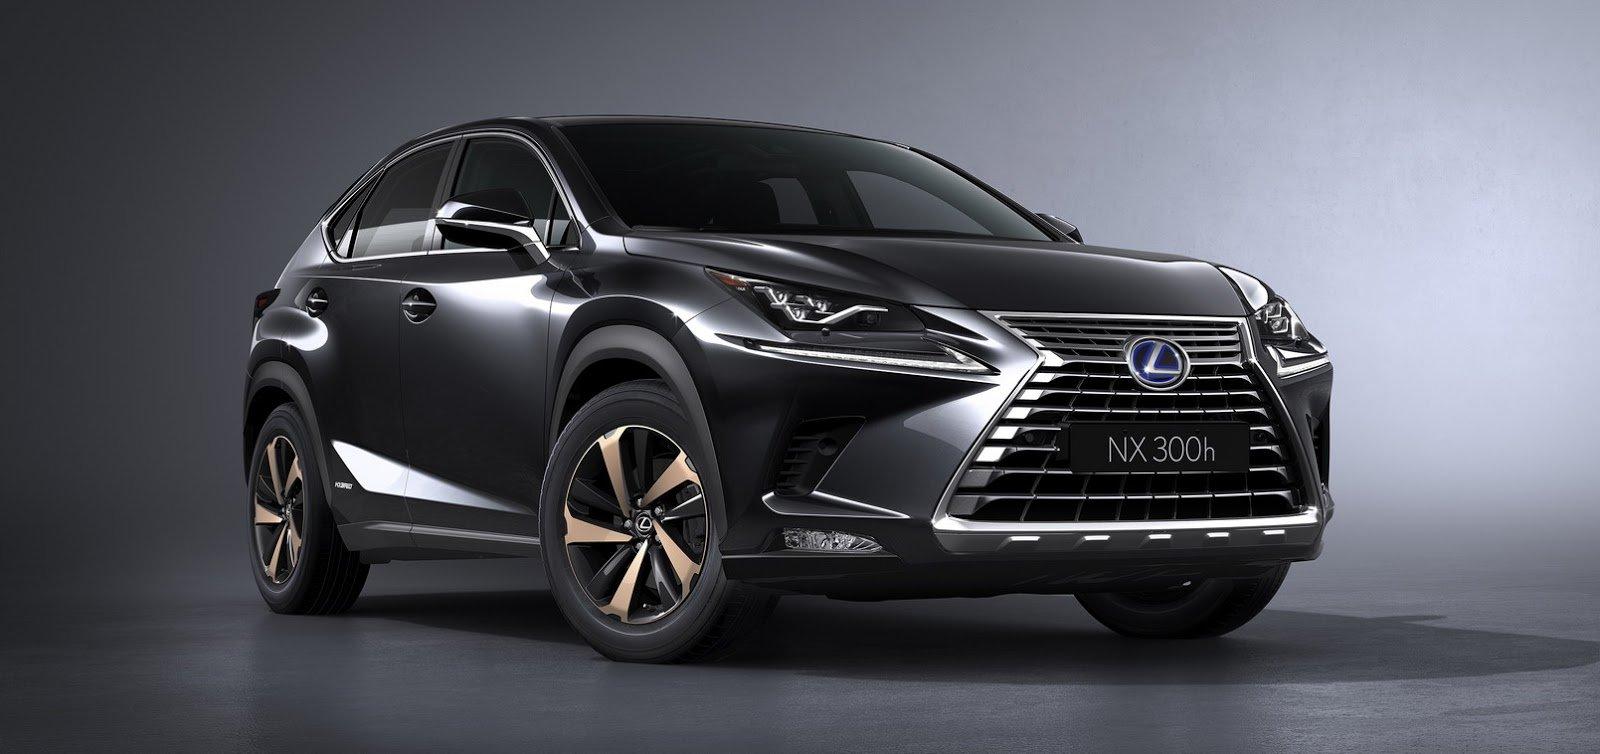 2018 Lexus NX300h